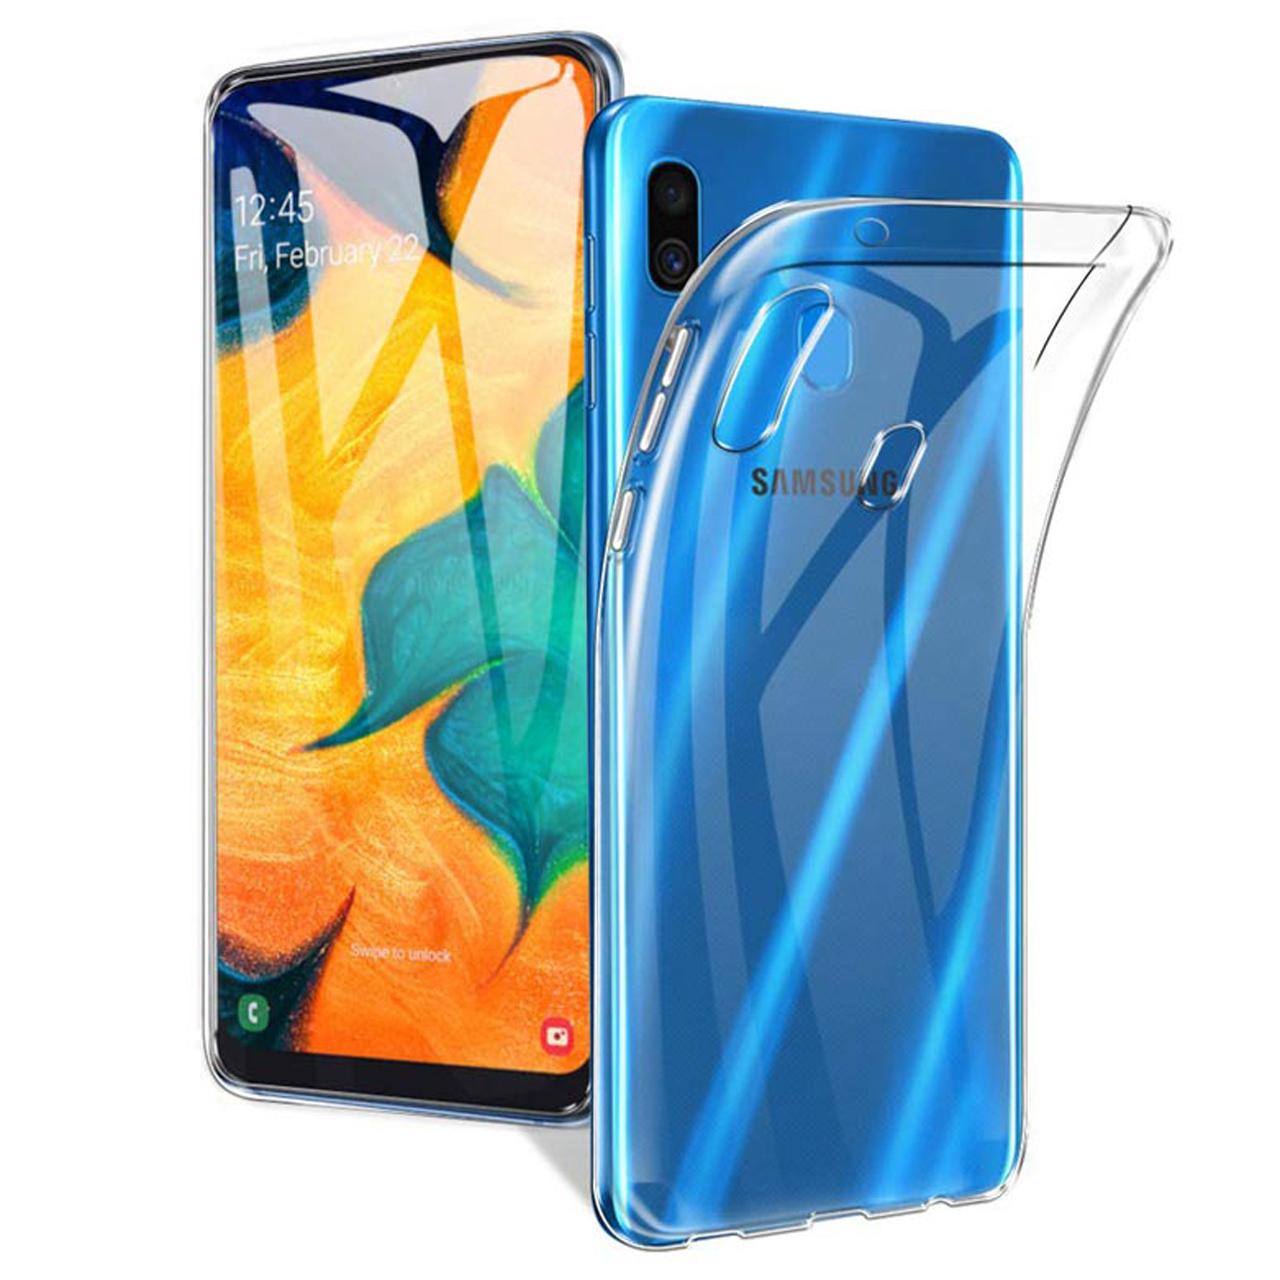 کاور مدل je04 مناسب برای گوشی موبایل سامسونگ galaxy a30 2019              ( قیمت و خرید)